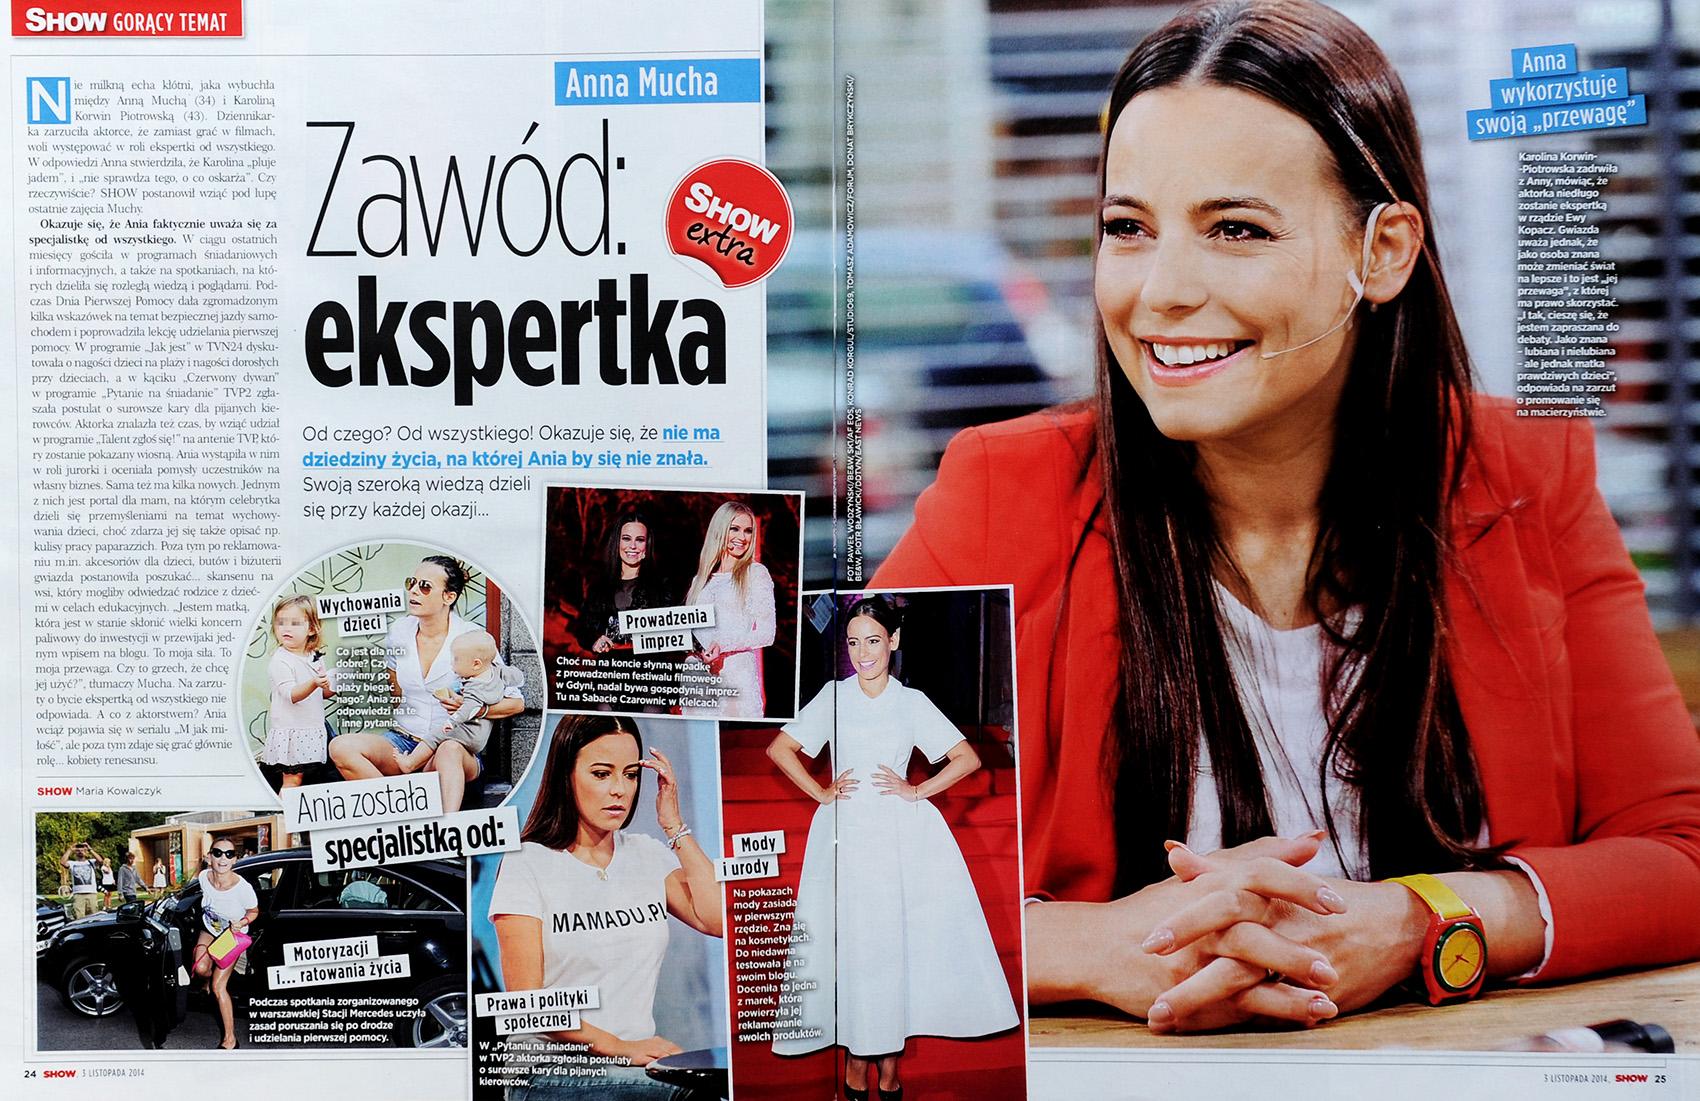 SHOW nr 22/2014 s. 24-25 - Anna Mucha (główne zdjęcie)